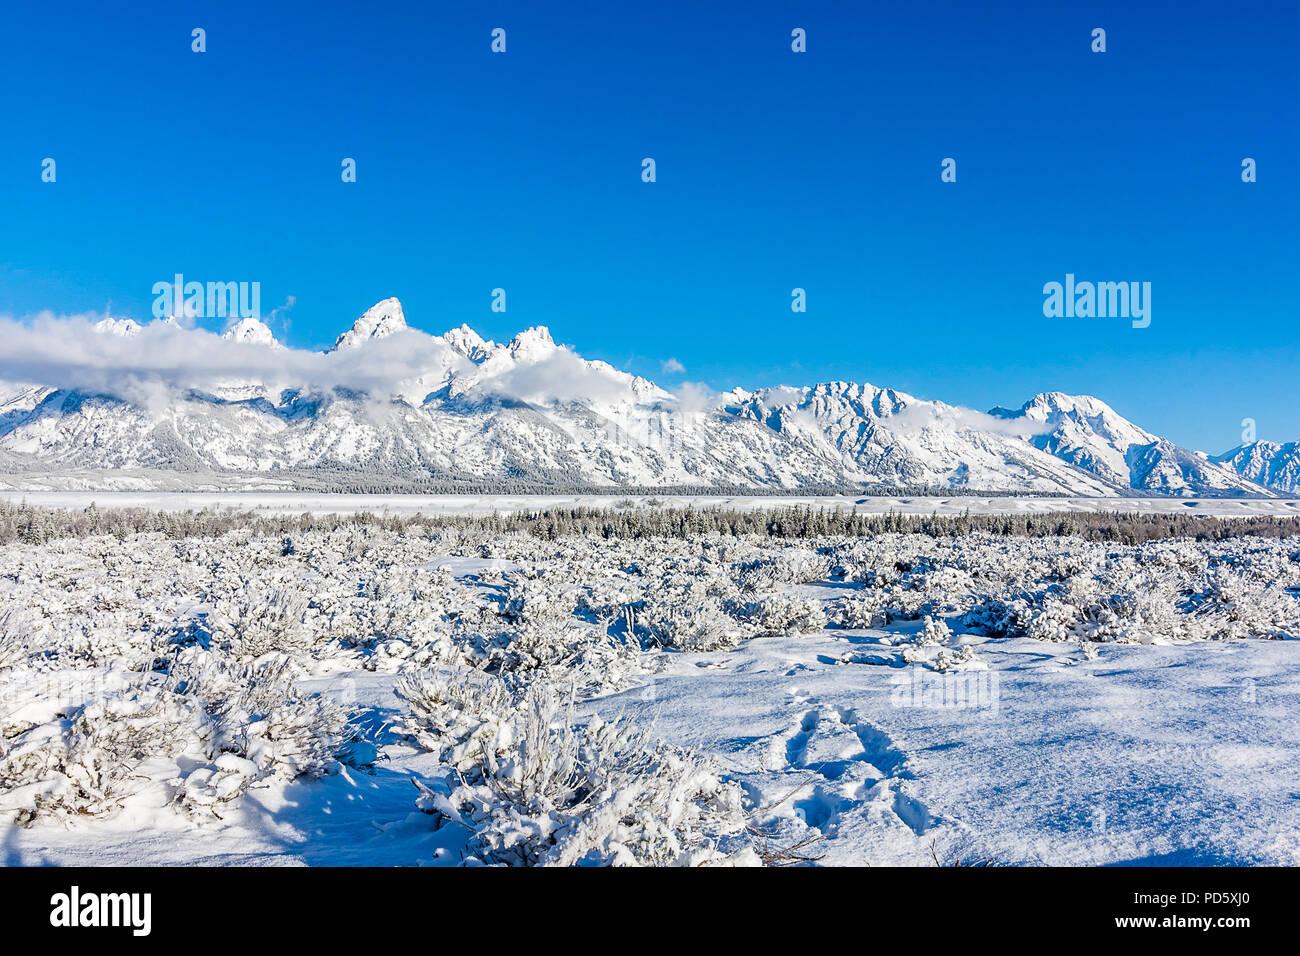 Grand Teton Mountain Range - Stock Image